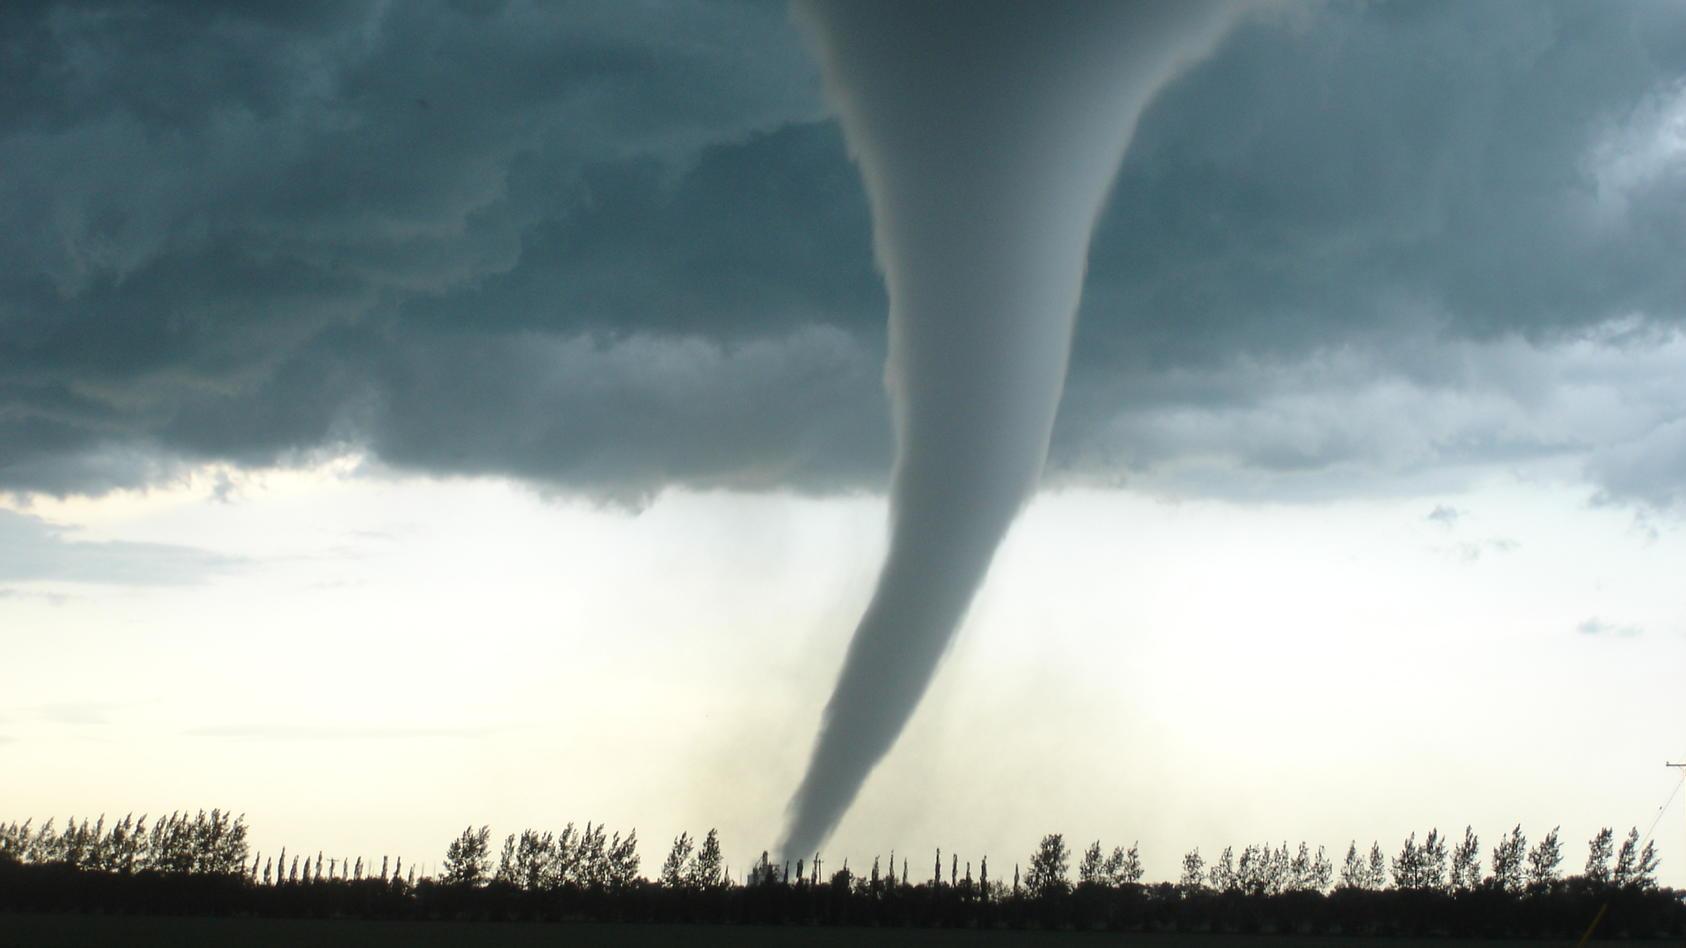 windhosen-in-europa-sturmtiefs-losen-drei-tornados-aus